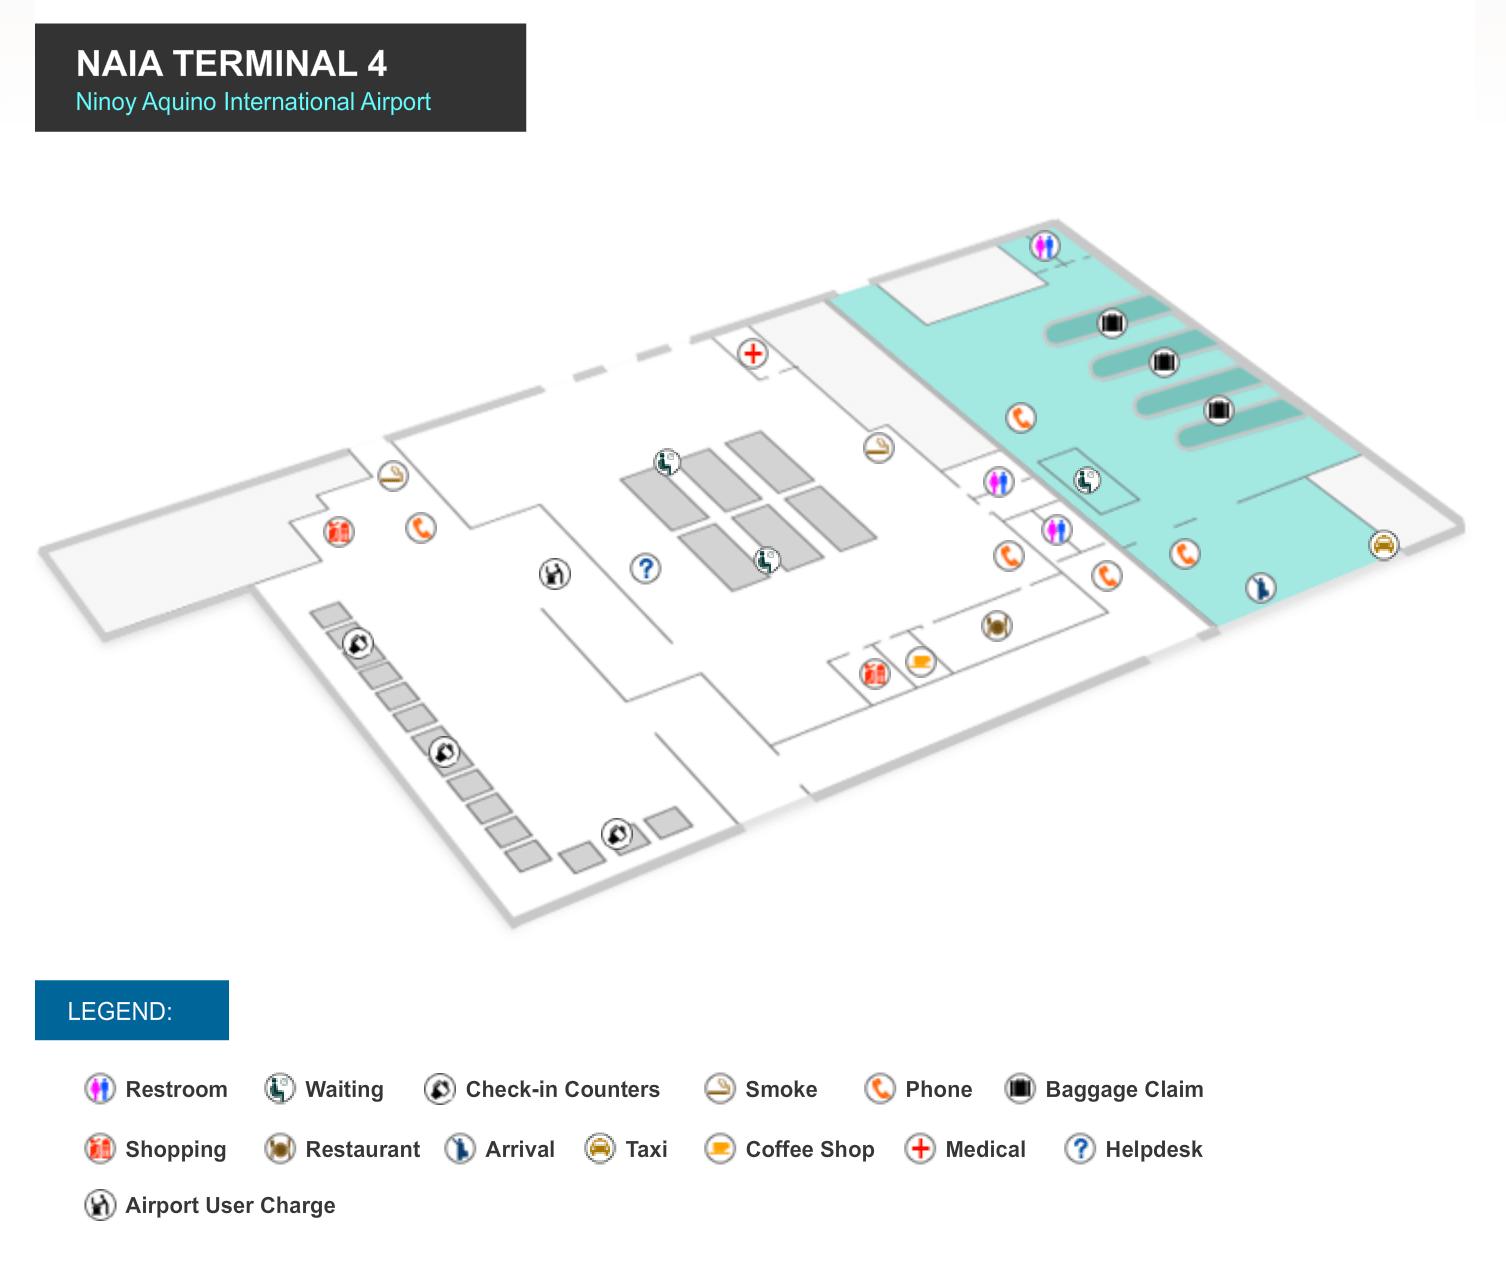 Manila Flughafen Terminal 4 Karte NAIA 4